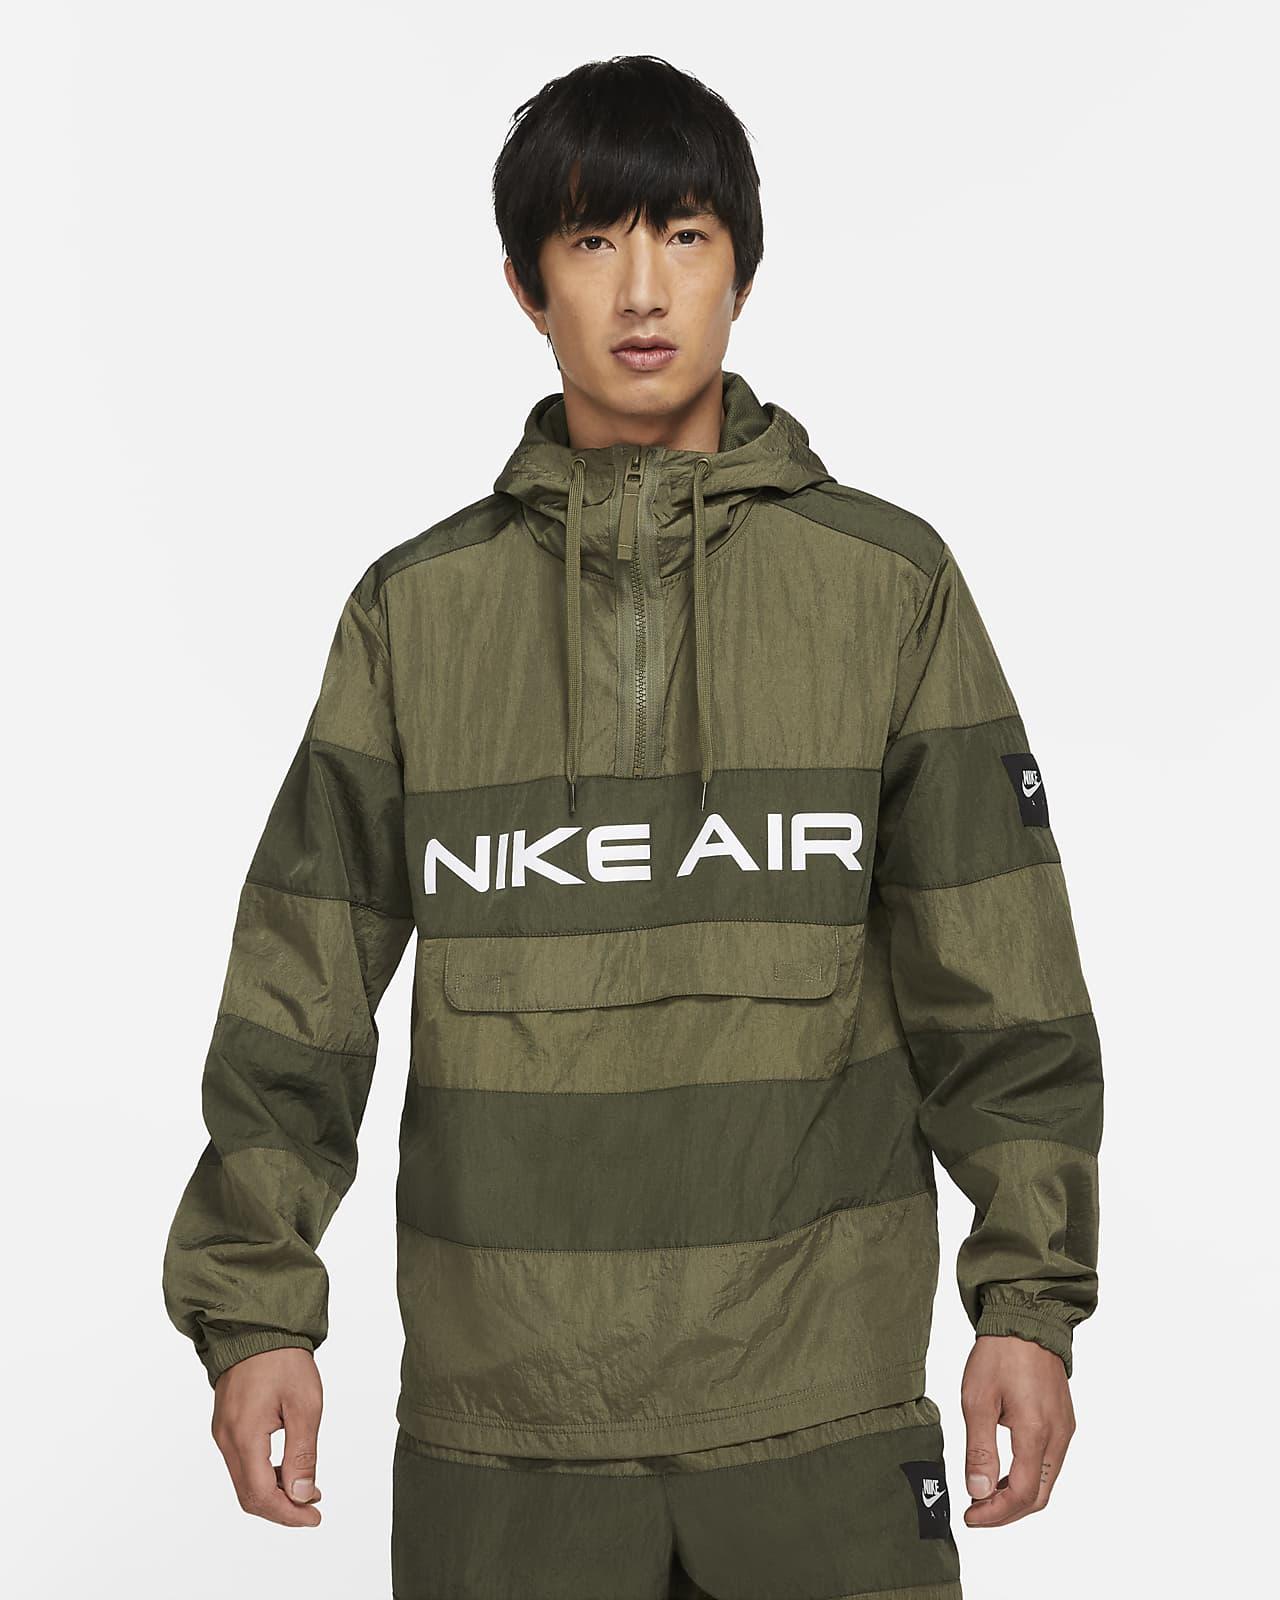 Nike Air Men's Unlined Anorak